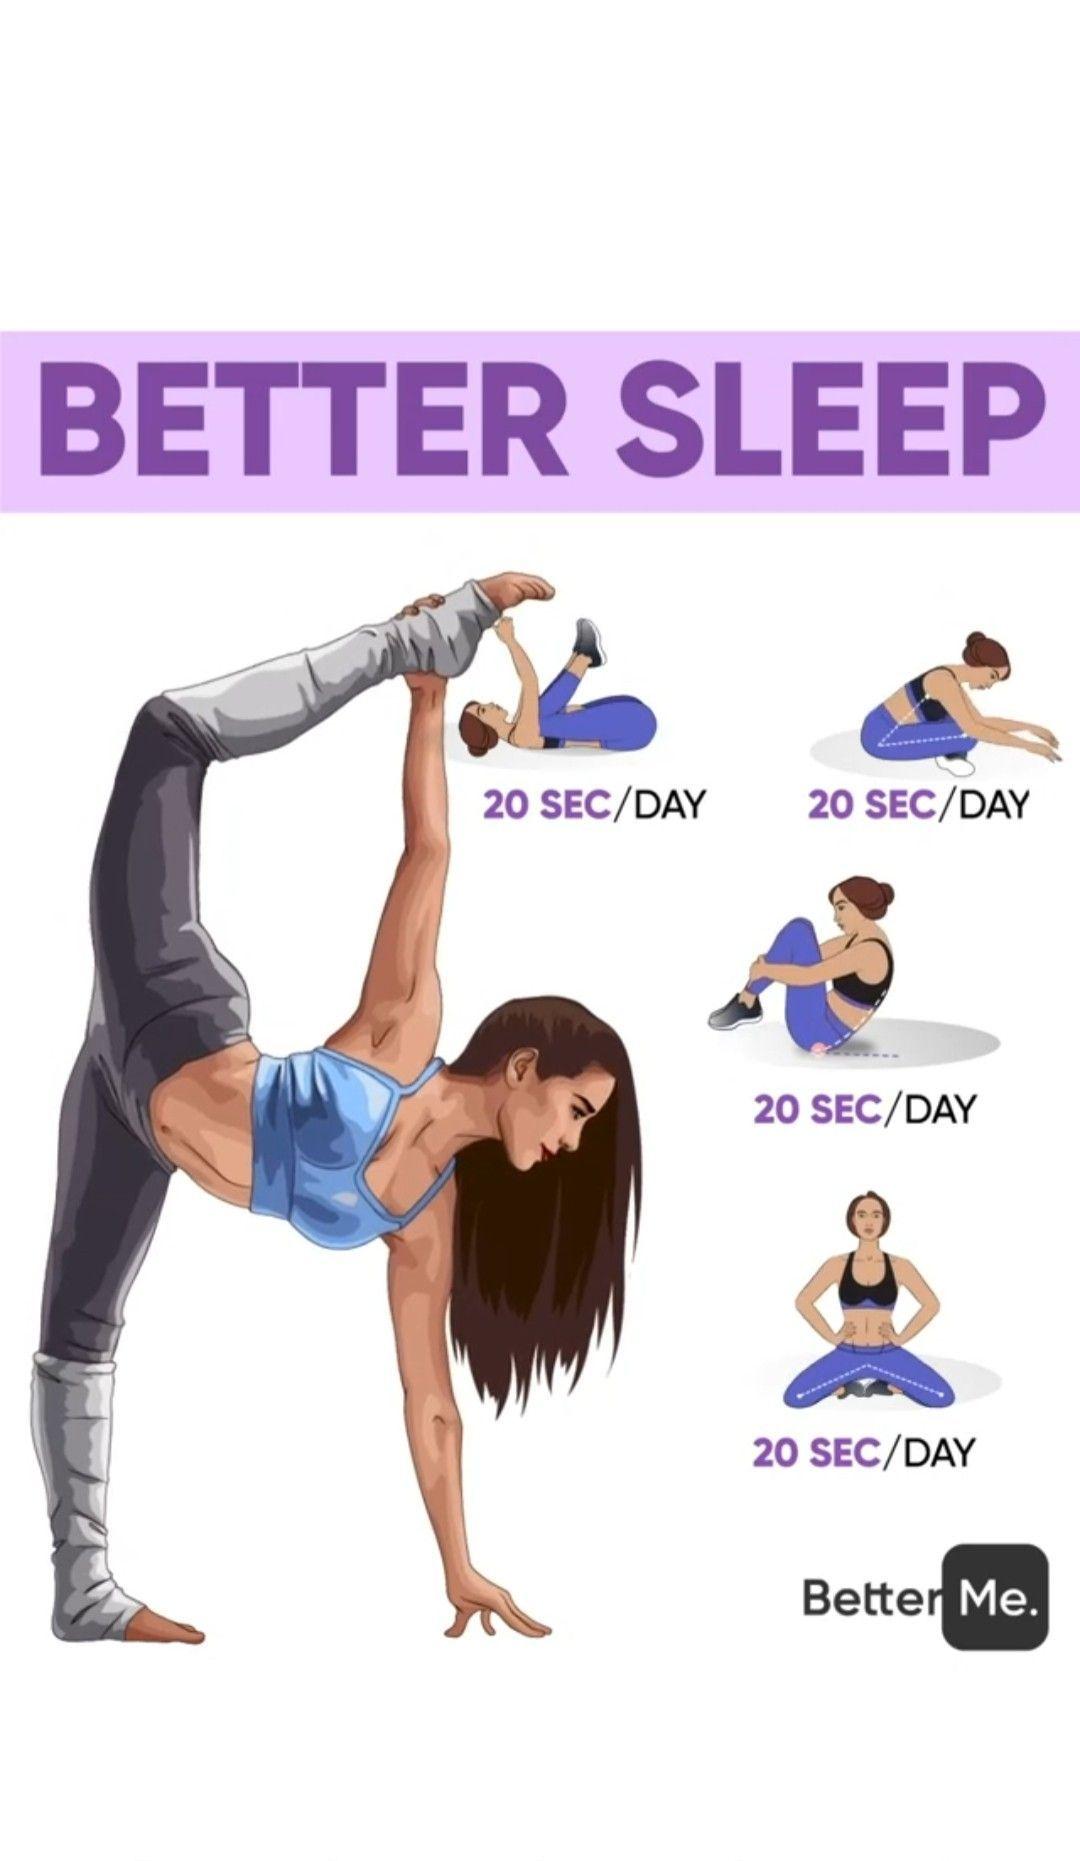 #Skin Care #SundargeTips ## FresLook #Brown Out # Skin Care #Fitness # Bri ...   - Diät und Gewichts...